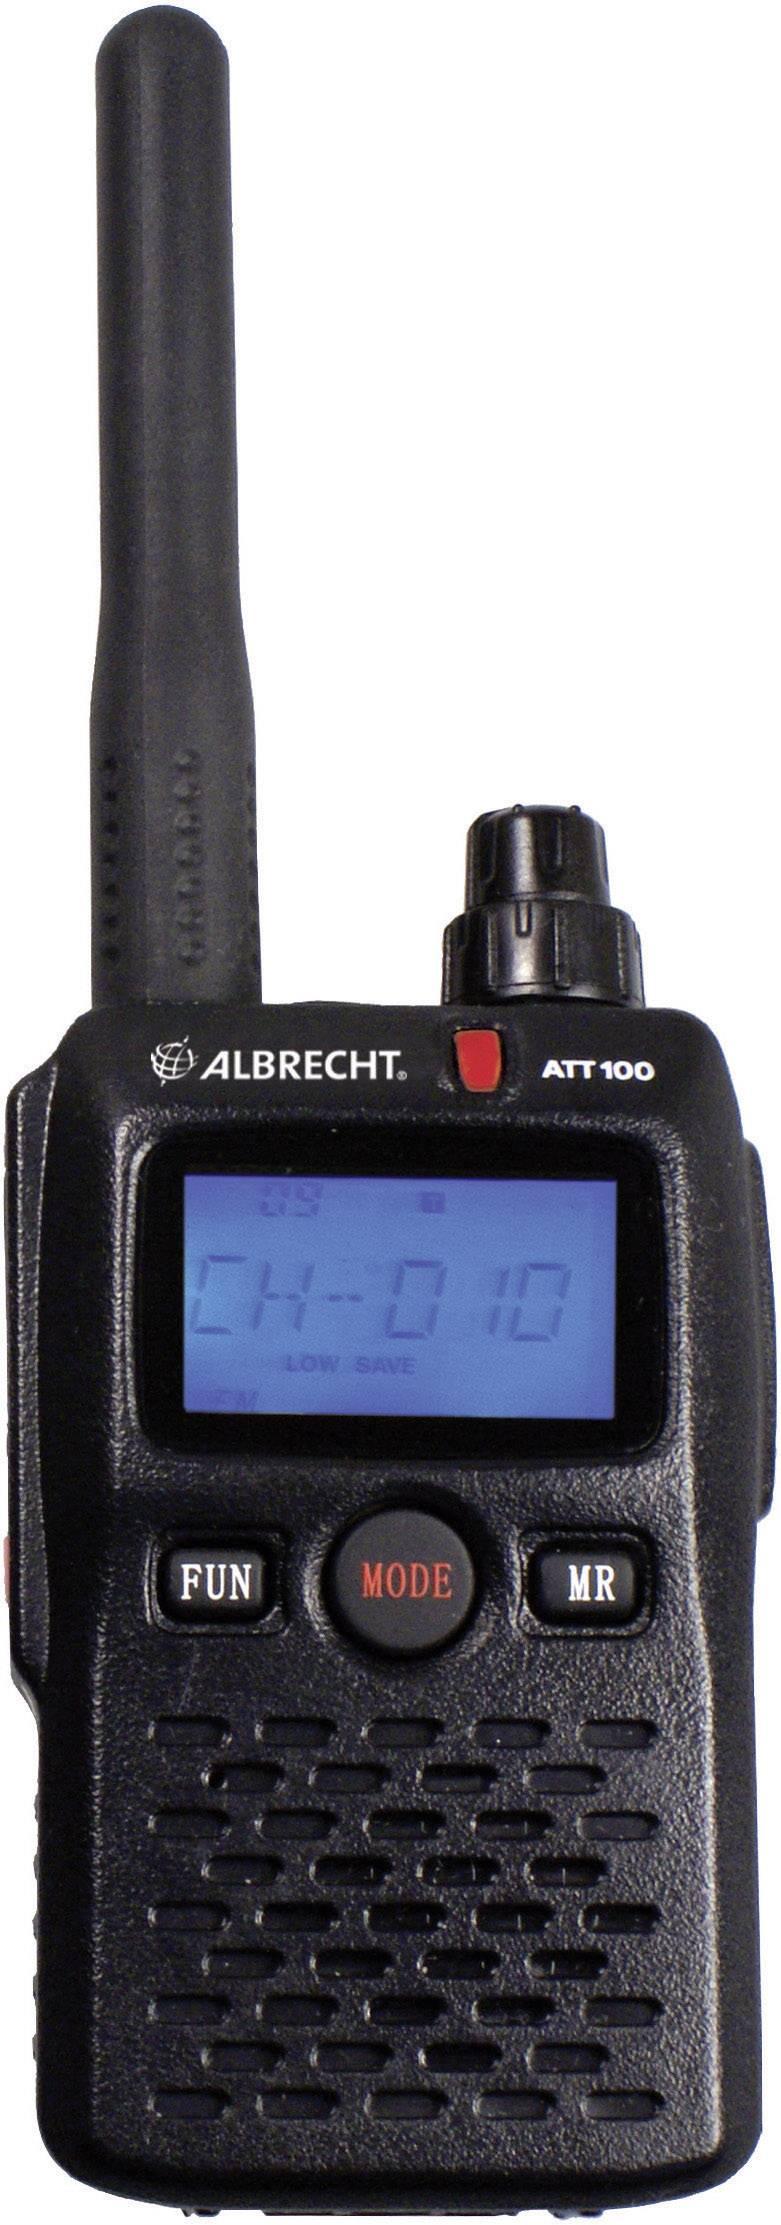 Albrecht Tourist Guide ATT 100 vysielač pre sprievodcov, 29902